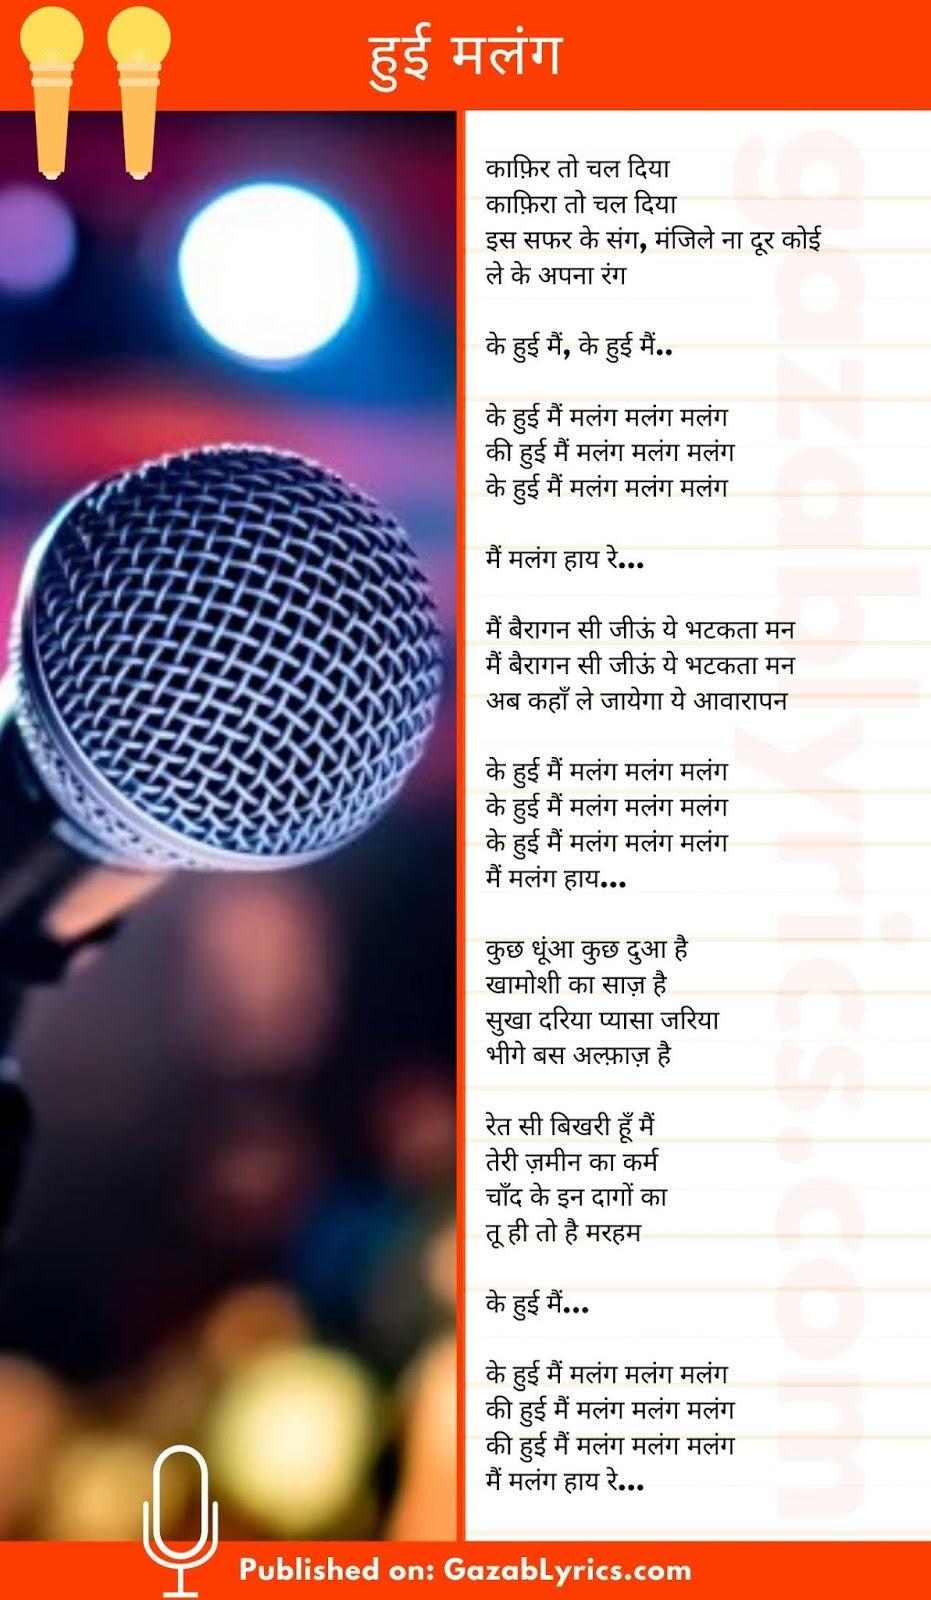 Hui Malang song lyrics image